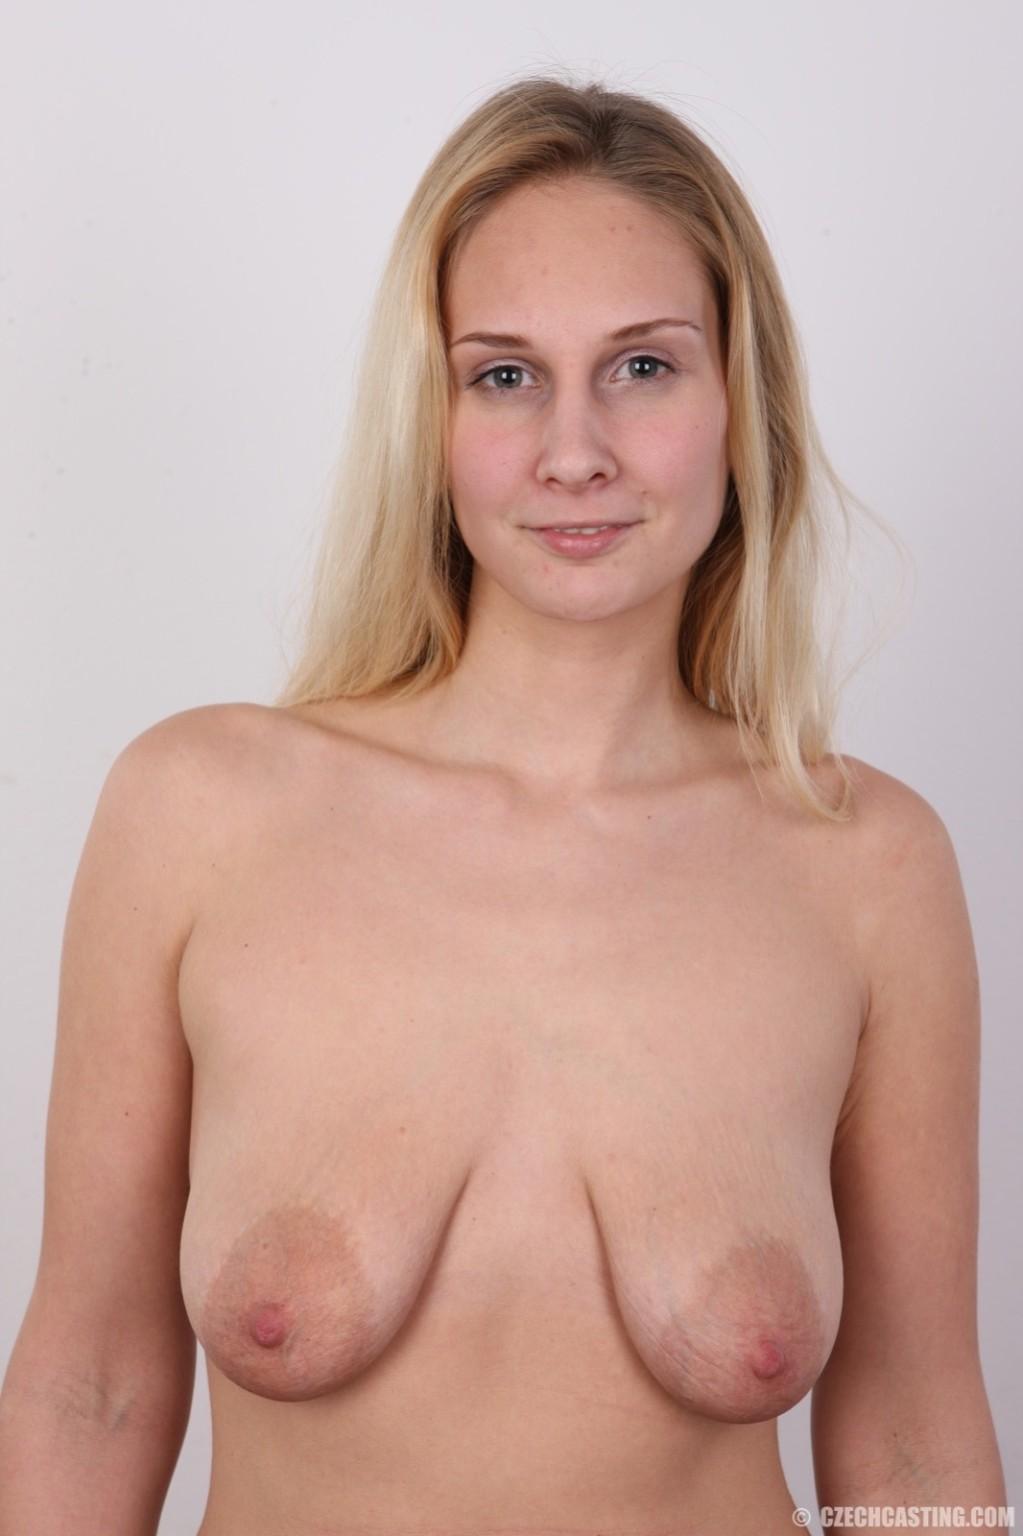 Big saggy breasts gallery